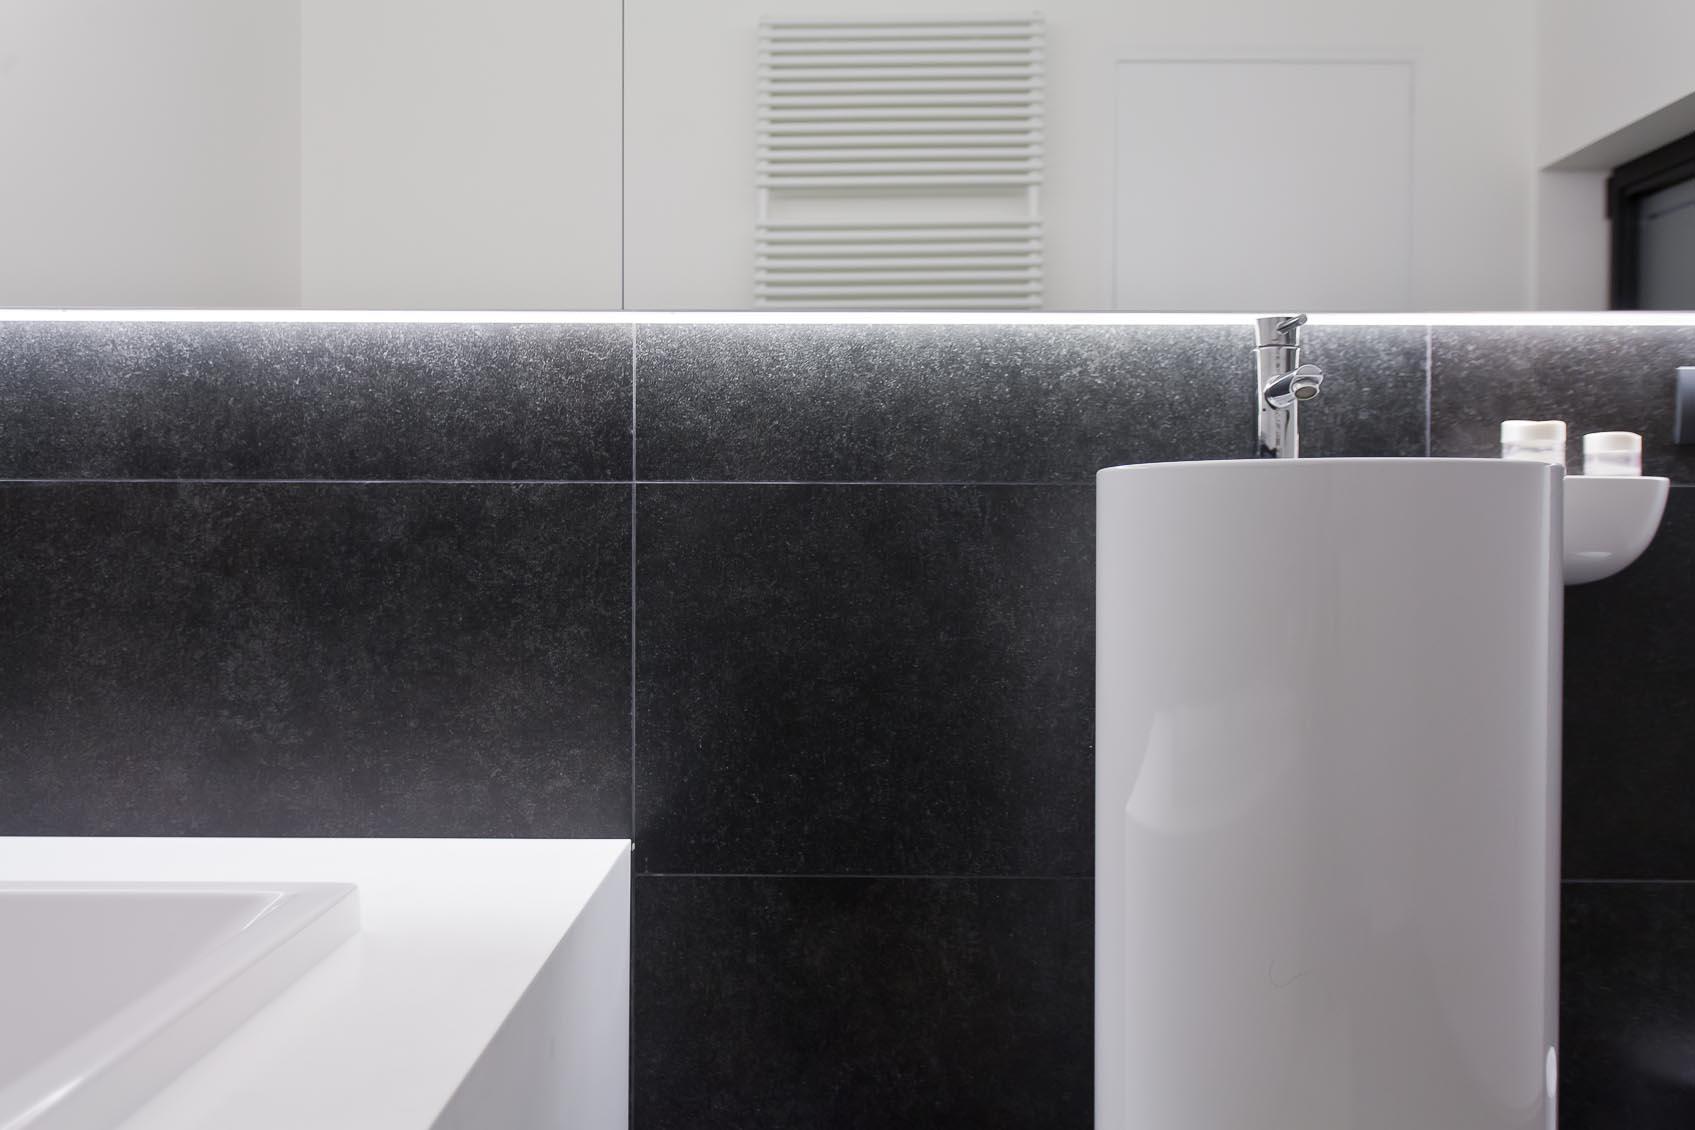 lichtstudie door lichthuis geeft juiste sfeer in badkamer van deze moderne woning